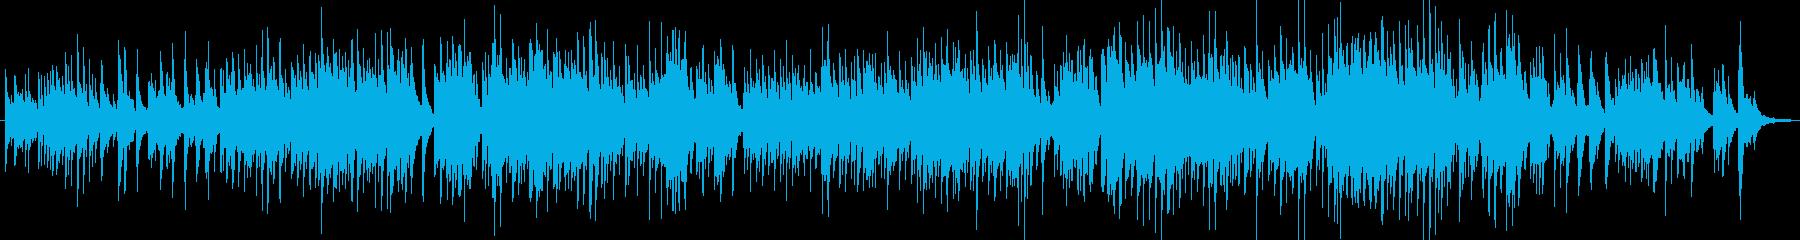 エレピとギターのよくあるJPopバラードの再生済みの波形